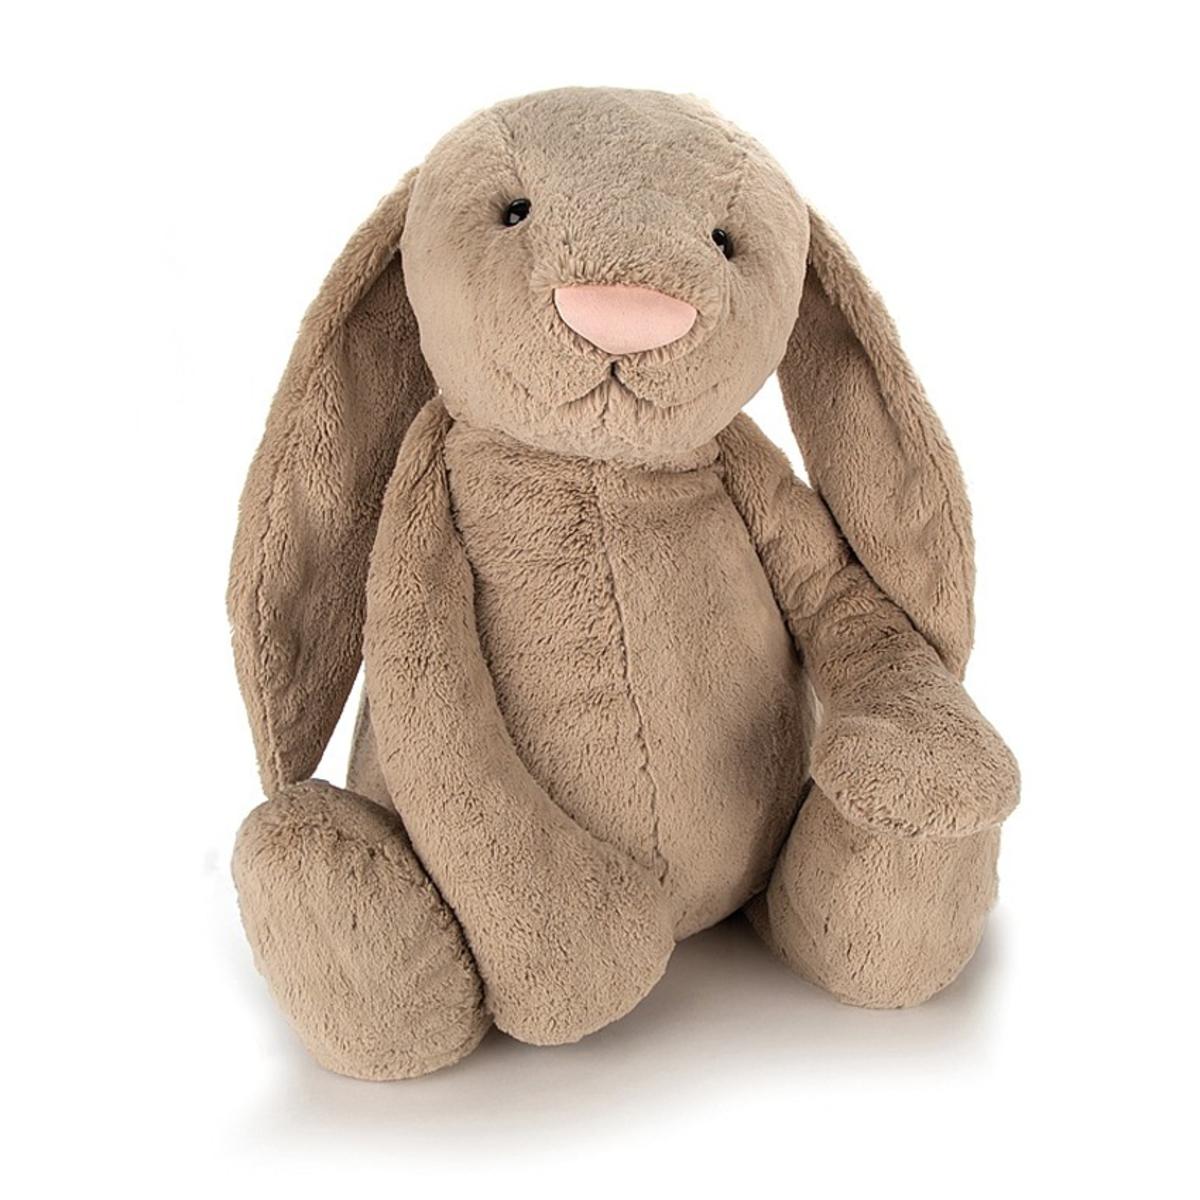 Peluche Grande Peluche Lapin Bashful Beige Bunny 108 cm Grande Peluche Lapin Bashful Beige Bunny 108 cm